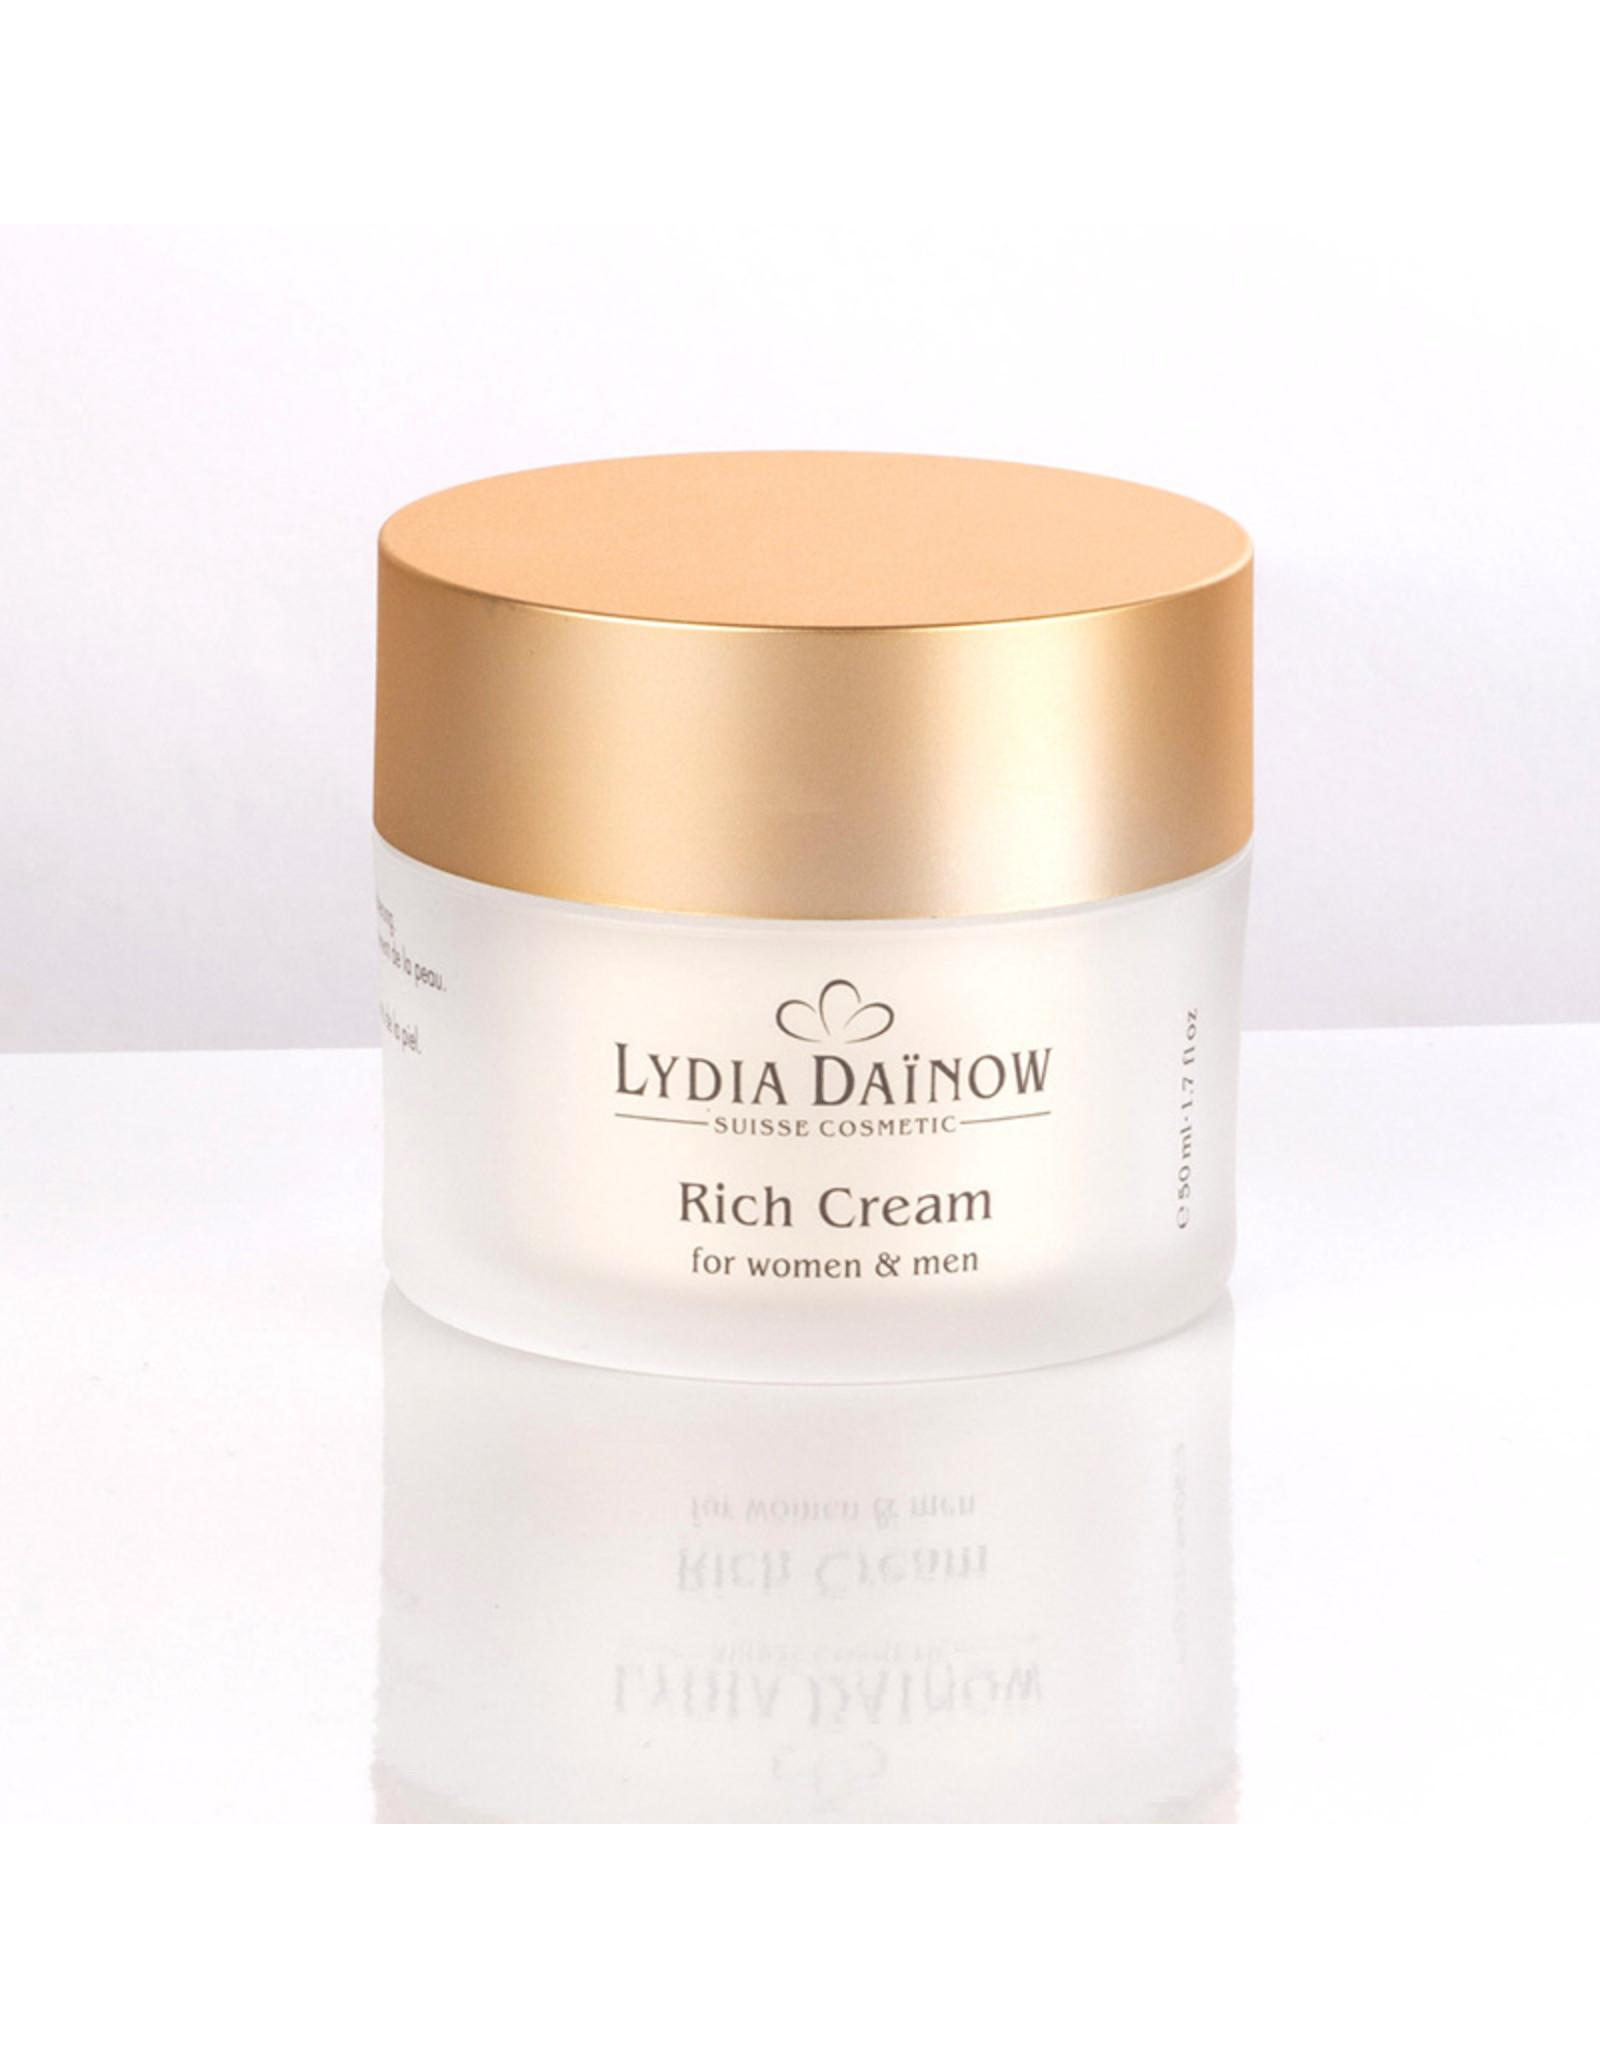 Lydïa Dainow Evolution Rich Cream - Straffende Tagespflege